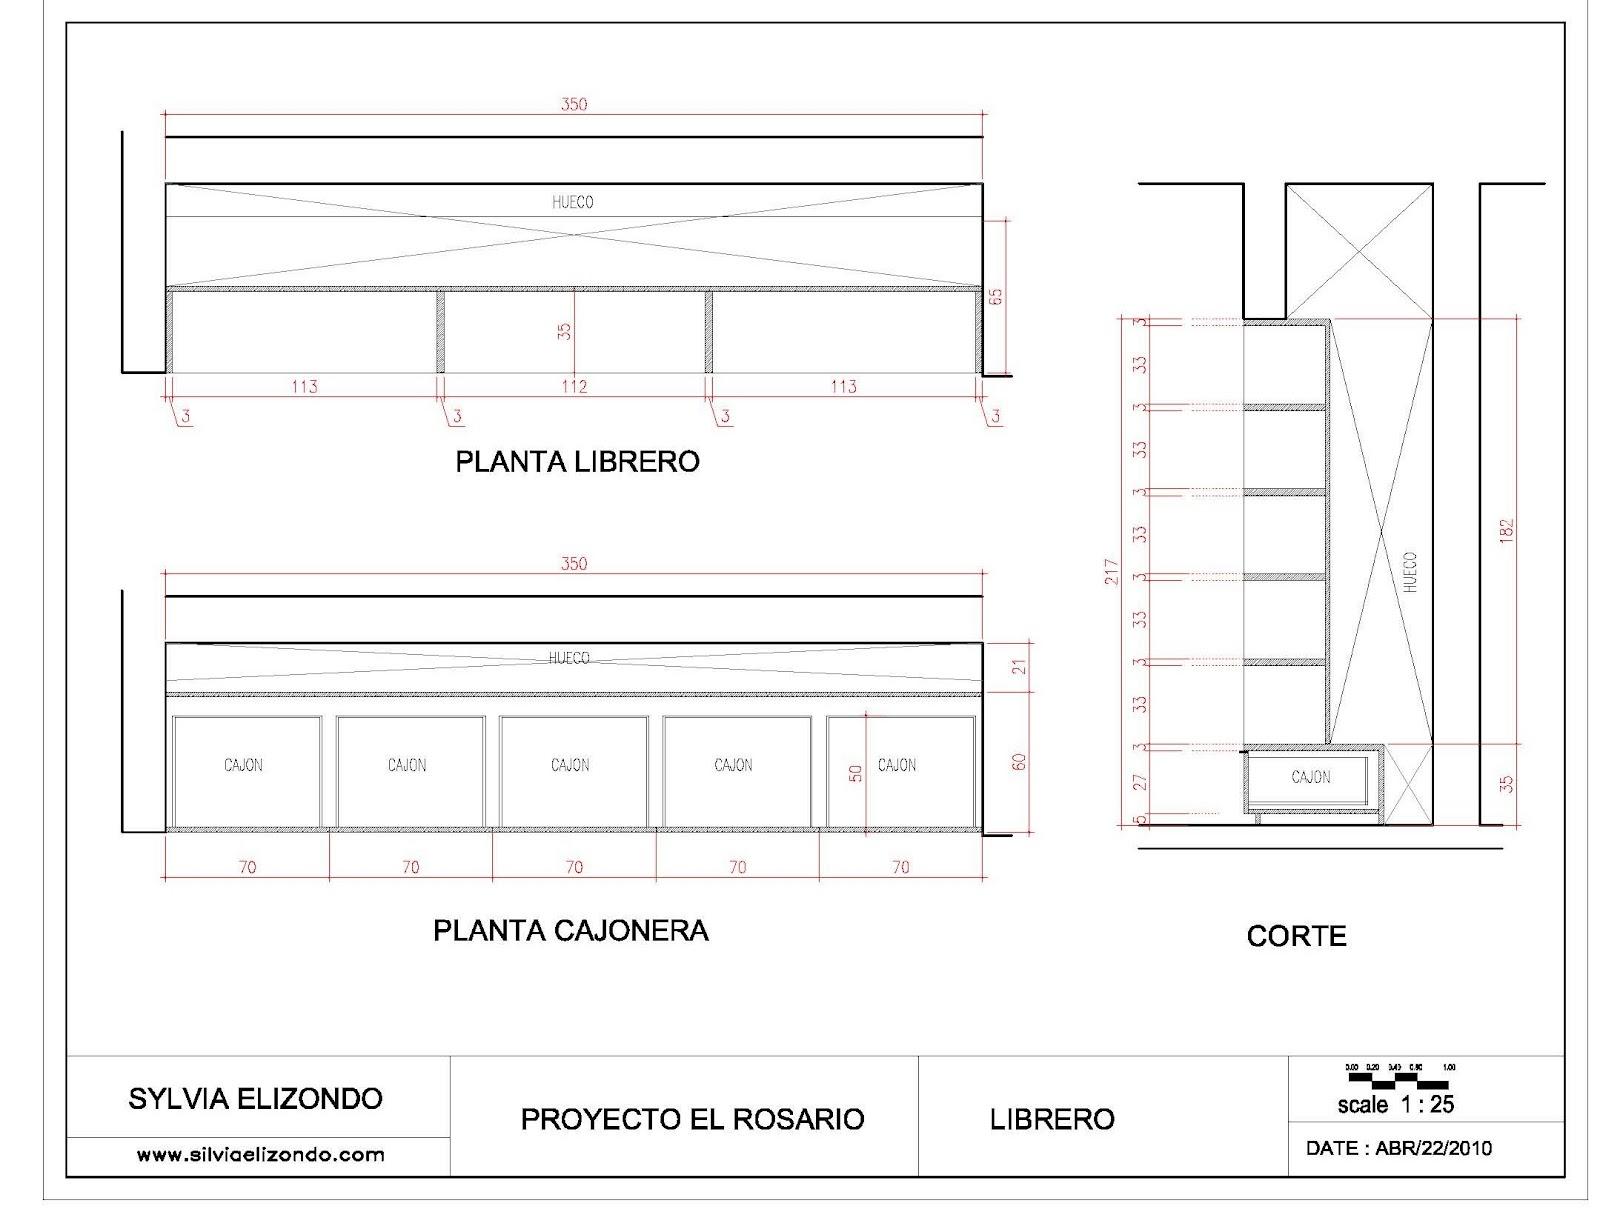 Seminario de interiorismo por sylvia elizondo dise o de for Medidas de muebles en planta